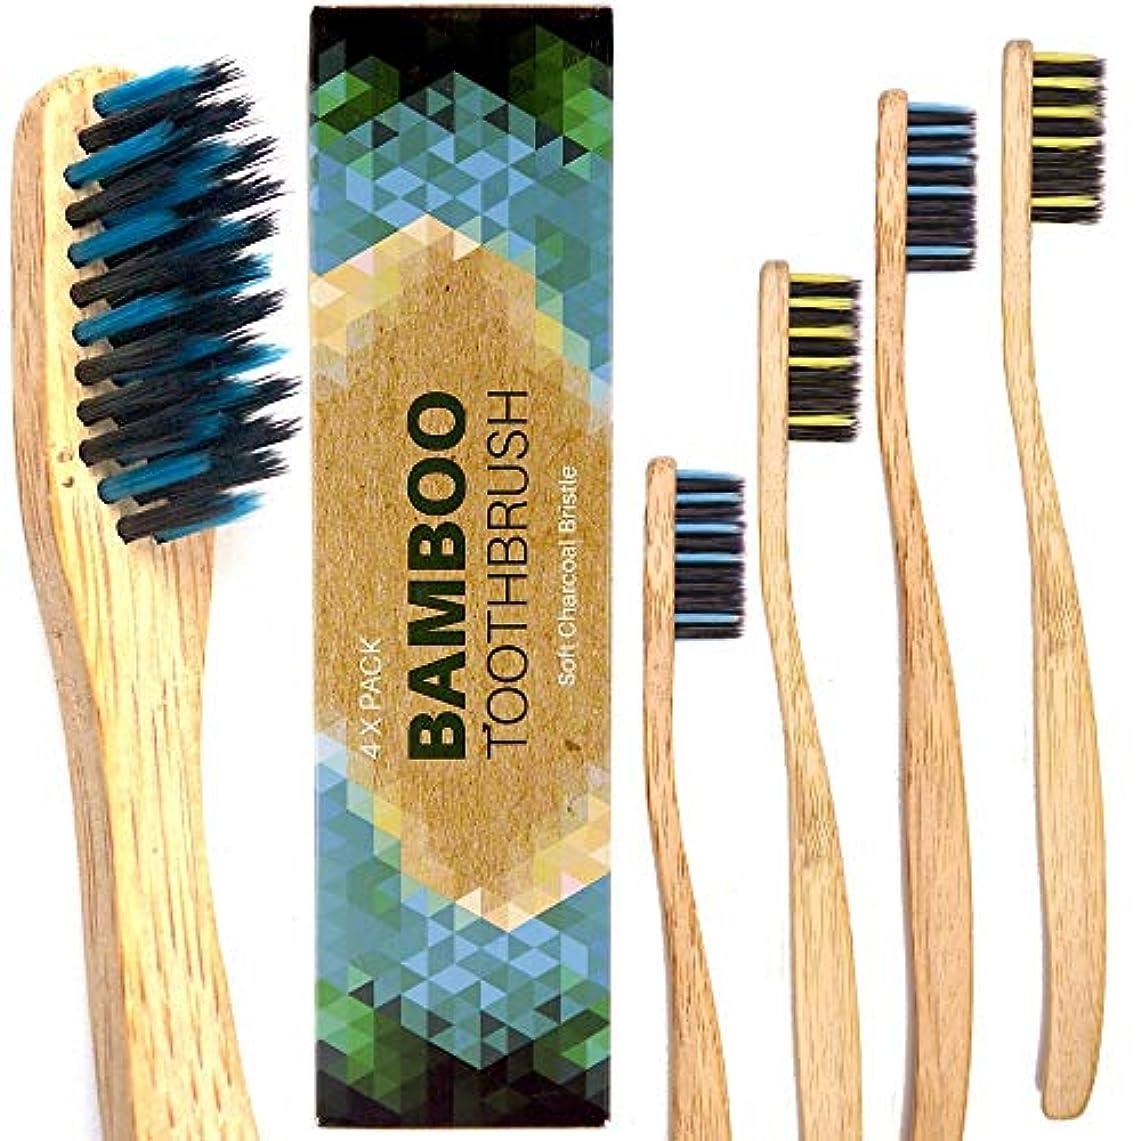 教養があるライオネルグリーンストリート銛竹製歯ブラシ。チャコールブリストル大人 - ミディアム及びソフト、生分解性、ビーガン、バイオ、エコ、持続可能な木製ハンドル4本パック4 Bamboo Toothbrushes, ホワイトニング 歯, ドイツの品質, 竹歯ブラシ